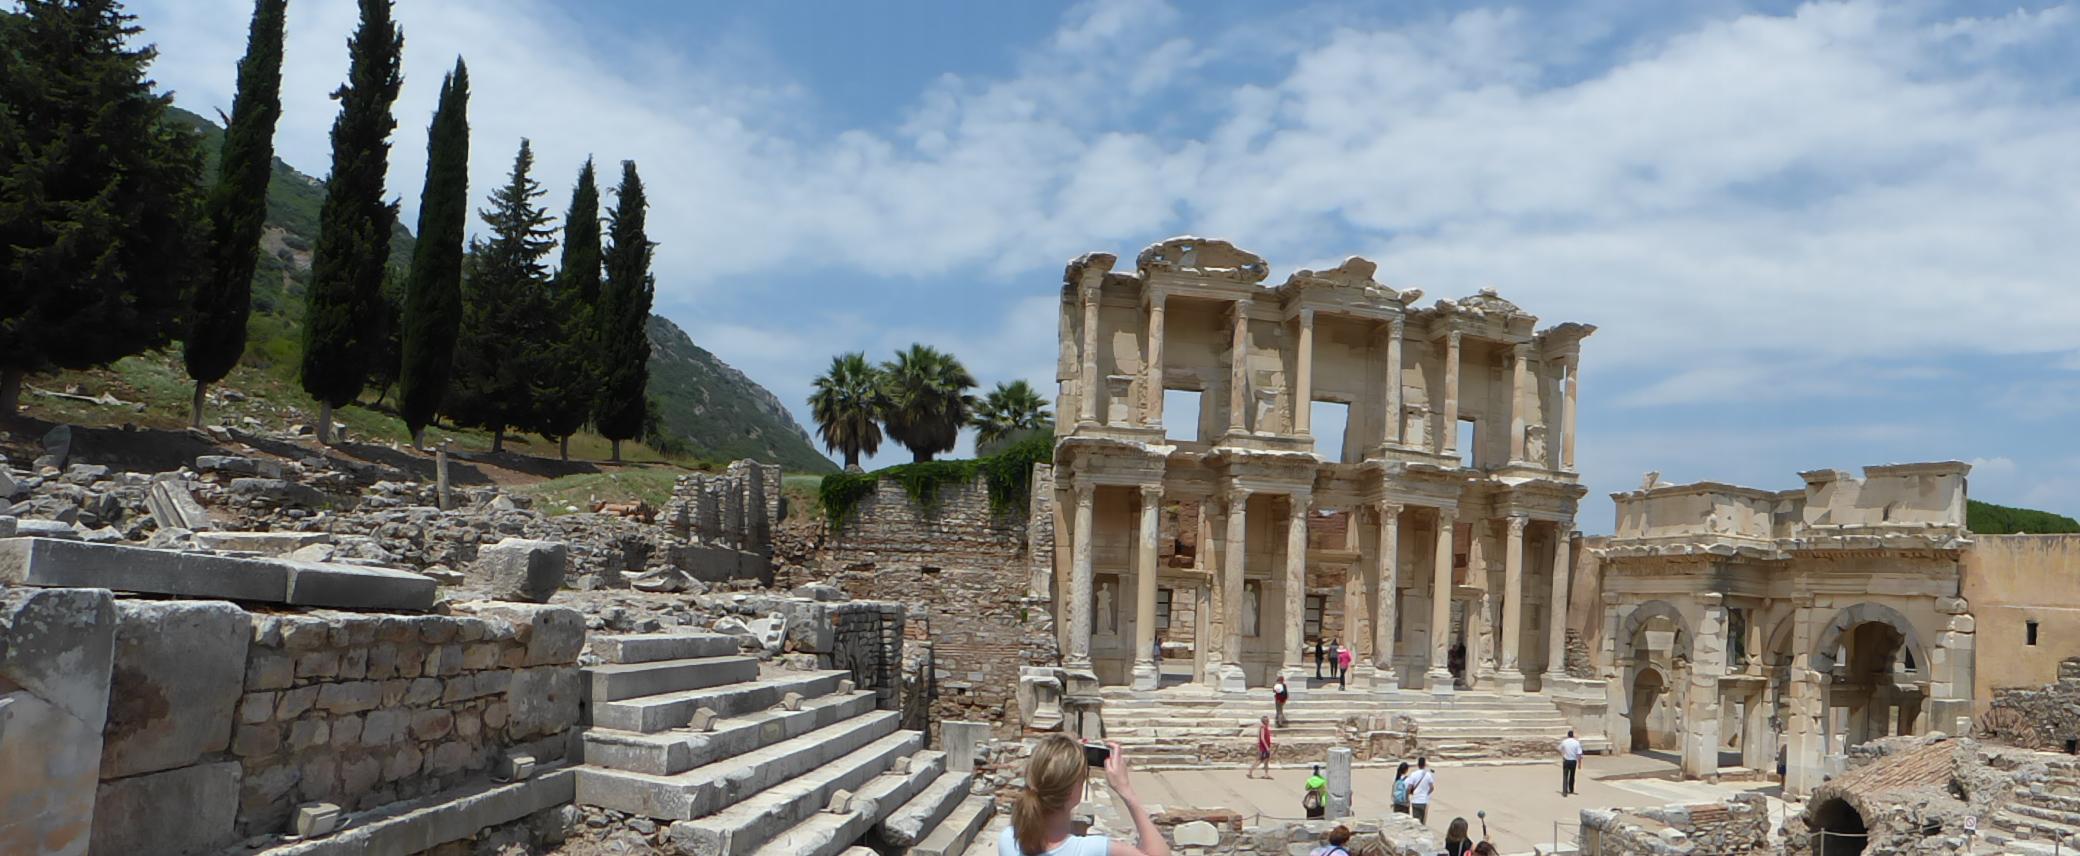 Die wiederaufgebaute Celsus-Bibliothek aus dem frühen 2. Jahrhundert n. Chr. .